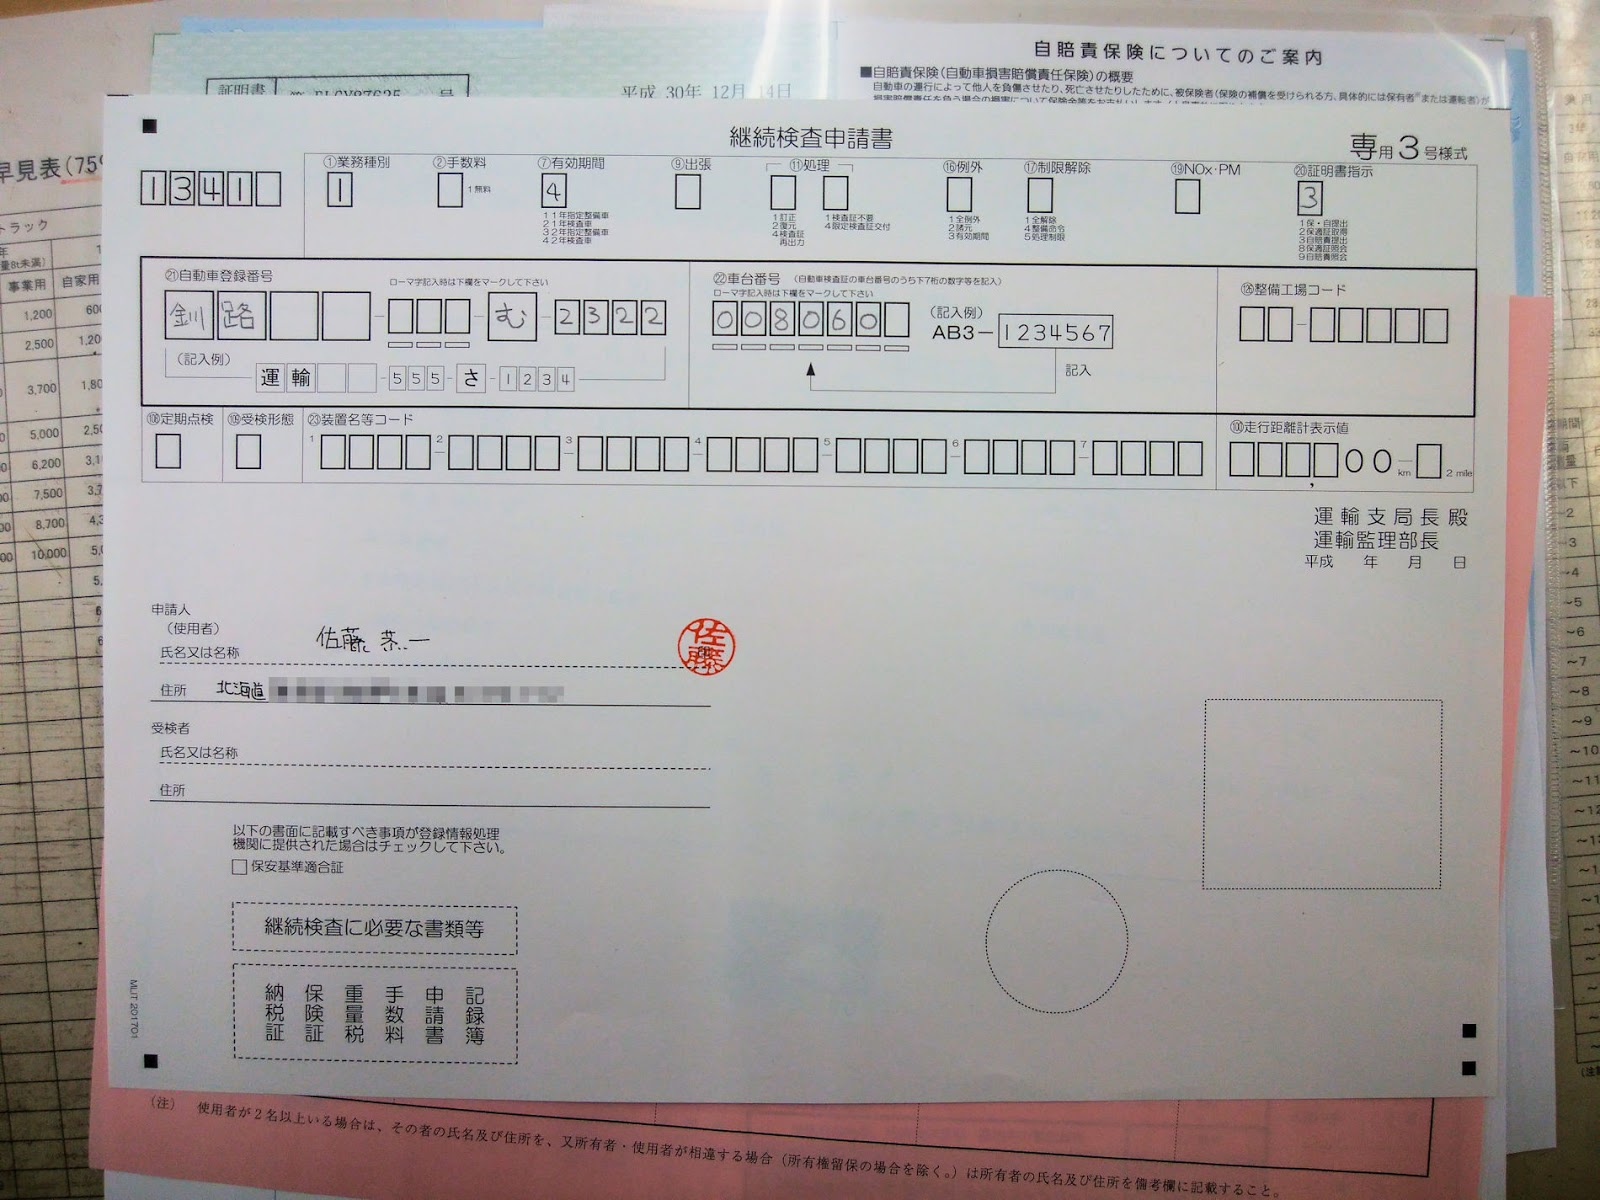 バイクのユーザー車検 ZZR1100C 西三河自動車検査登録事務所